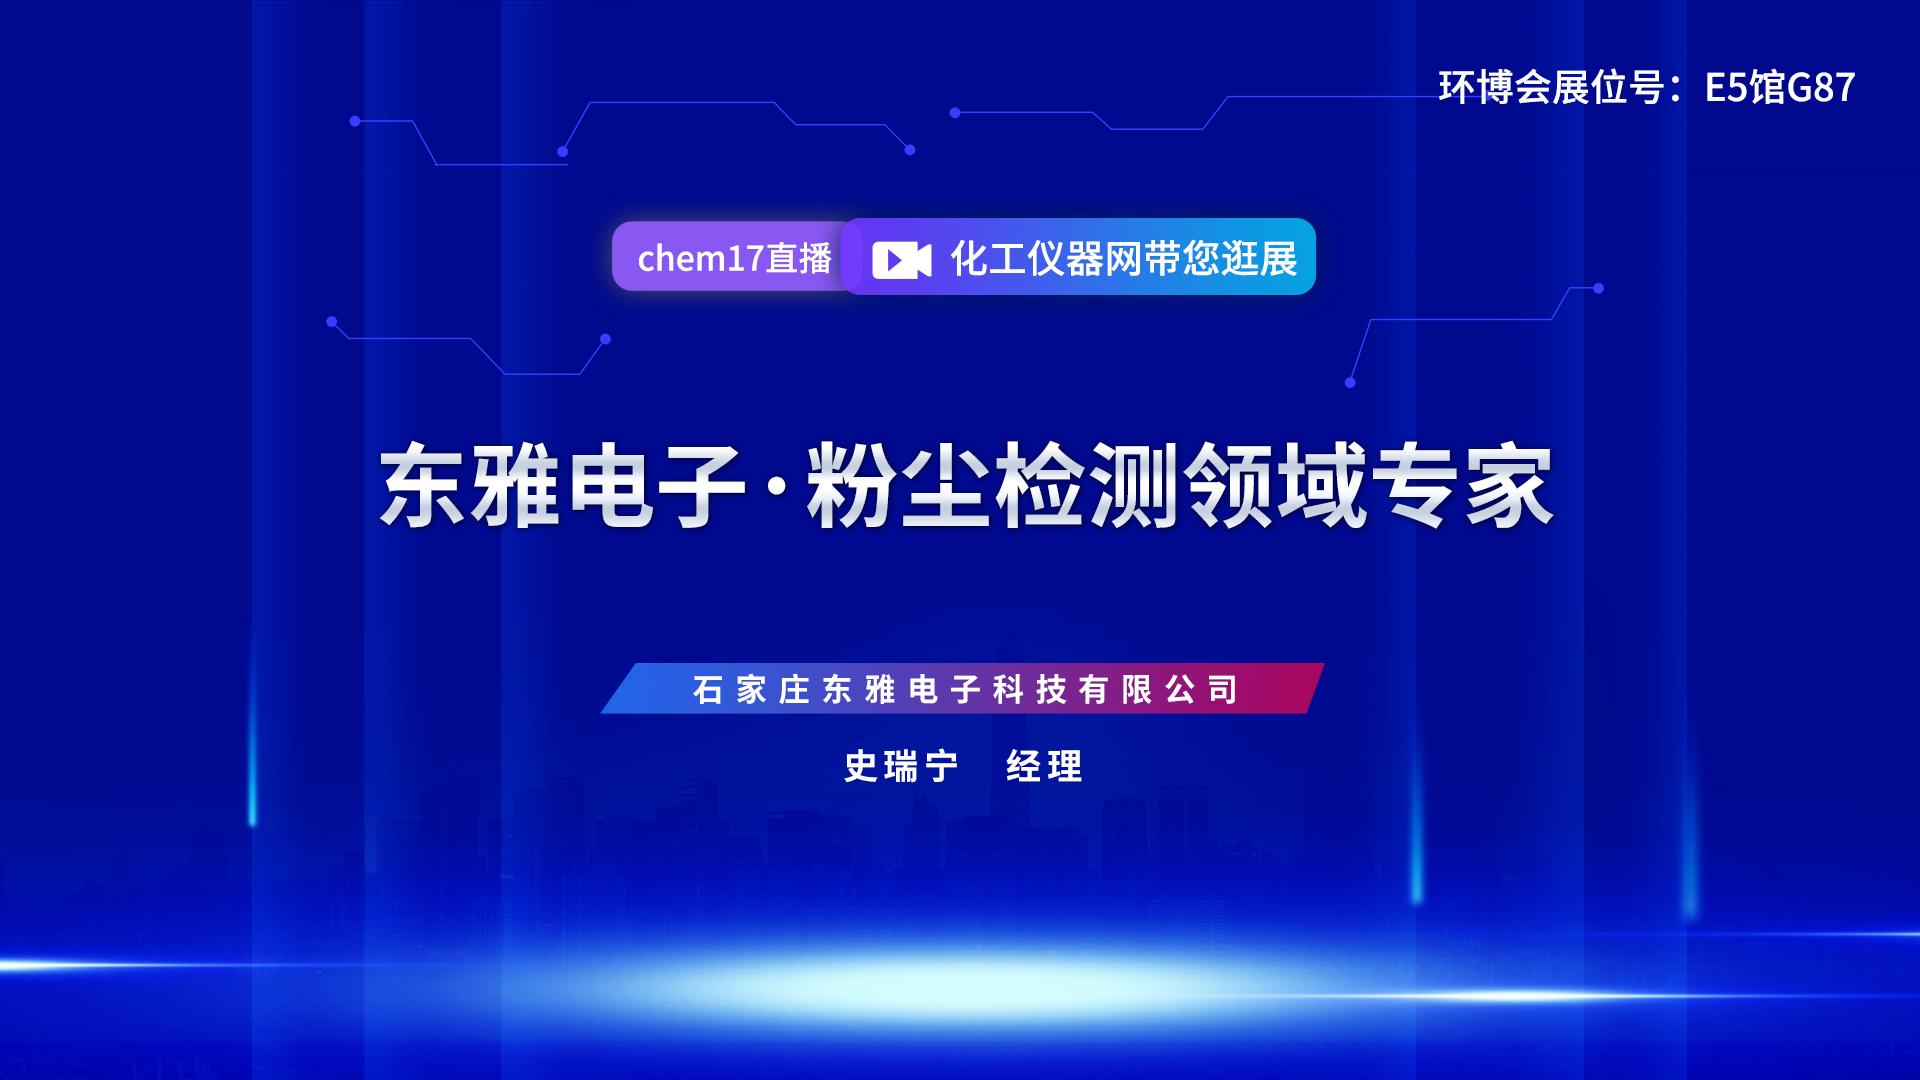 石家庄东雅电子科技有限公司精彩亮相2021环博会